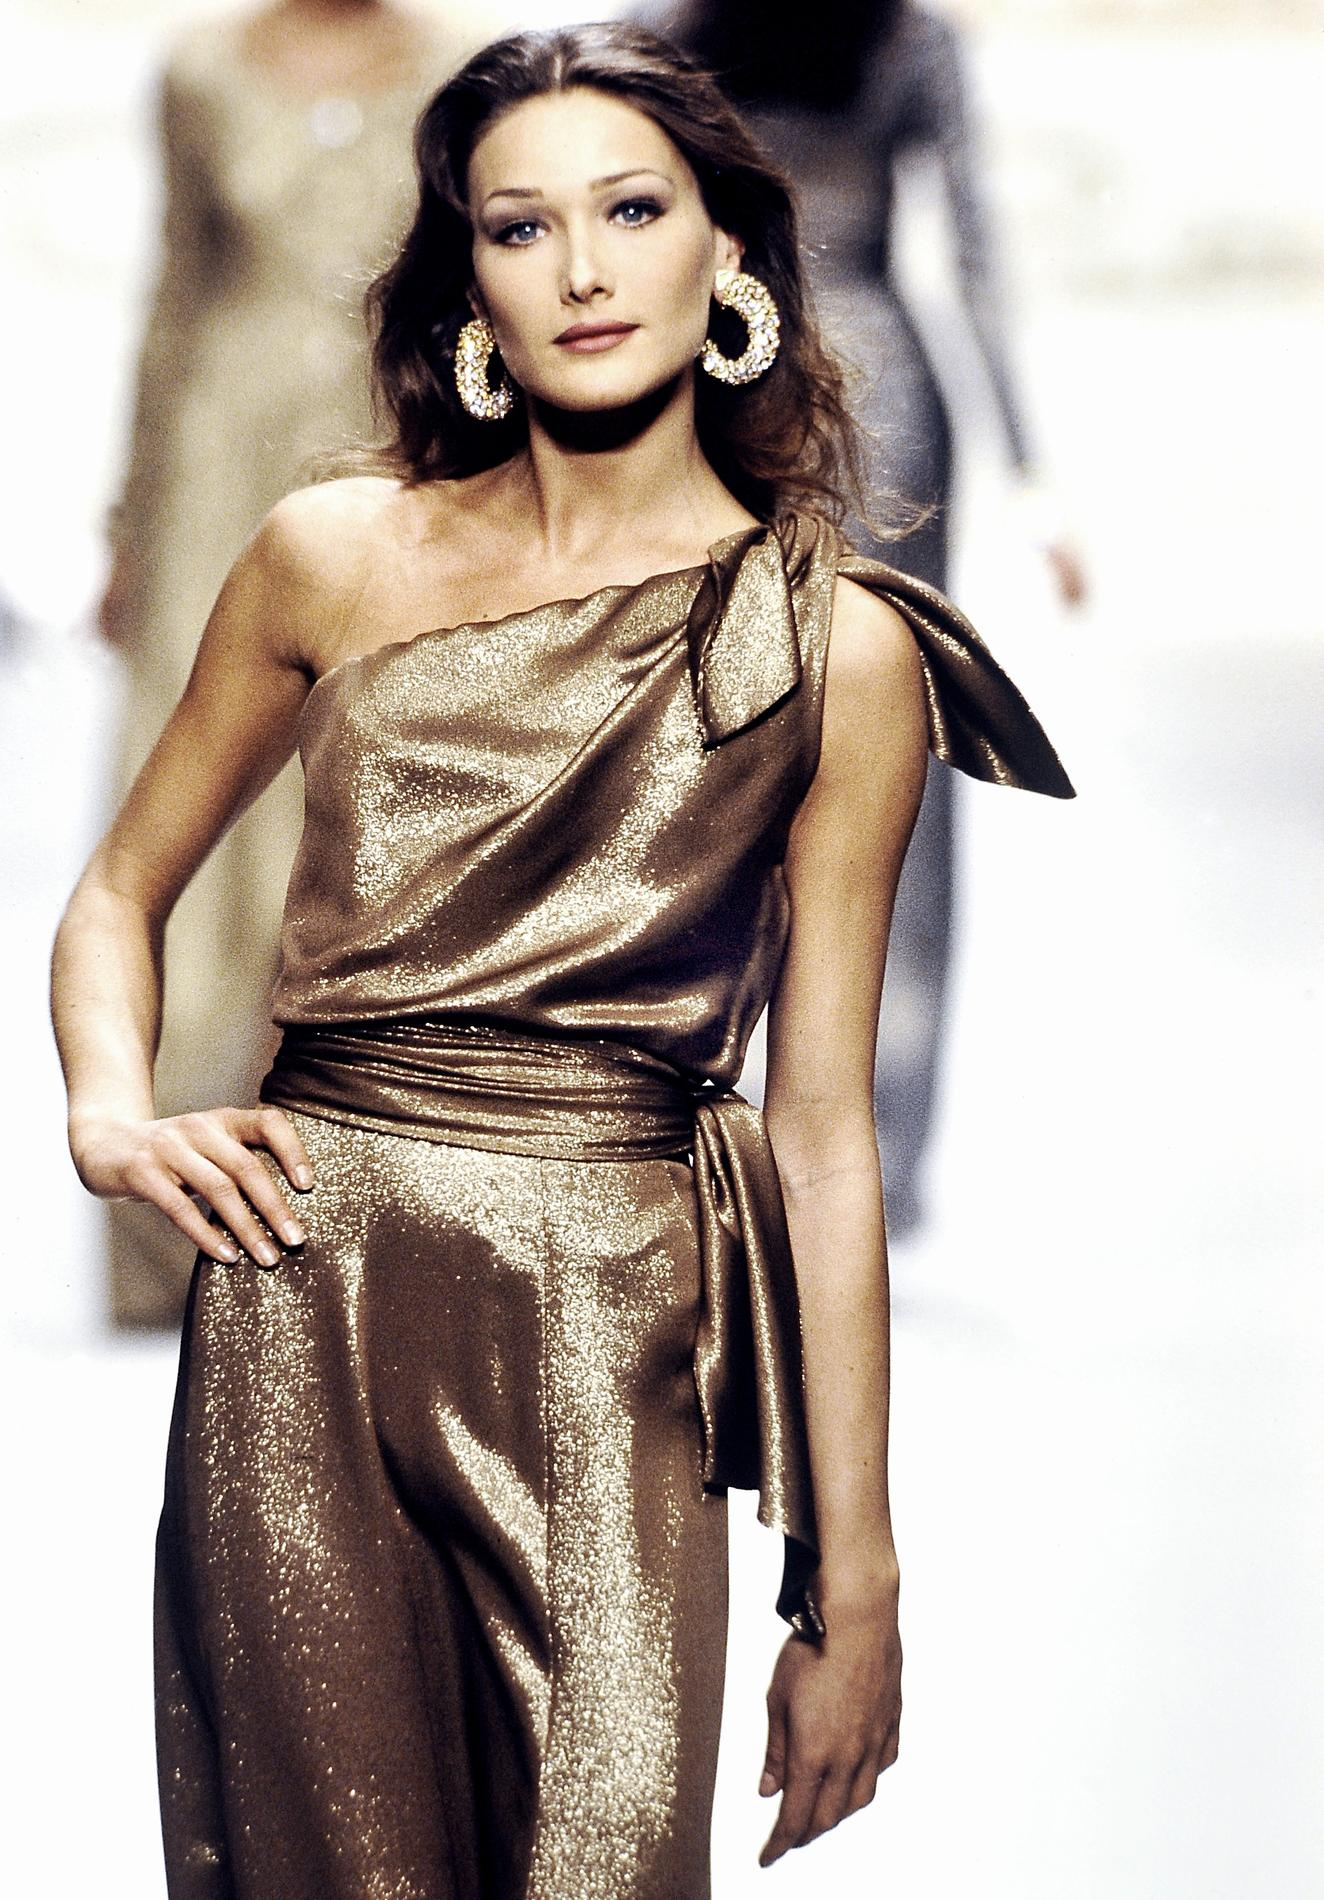 f87d1cce4004 ... une carrière de supermodel - ambiance disco ...